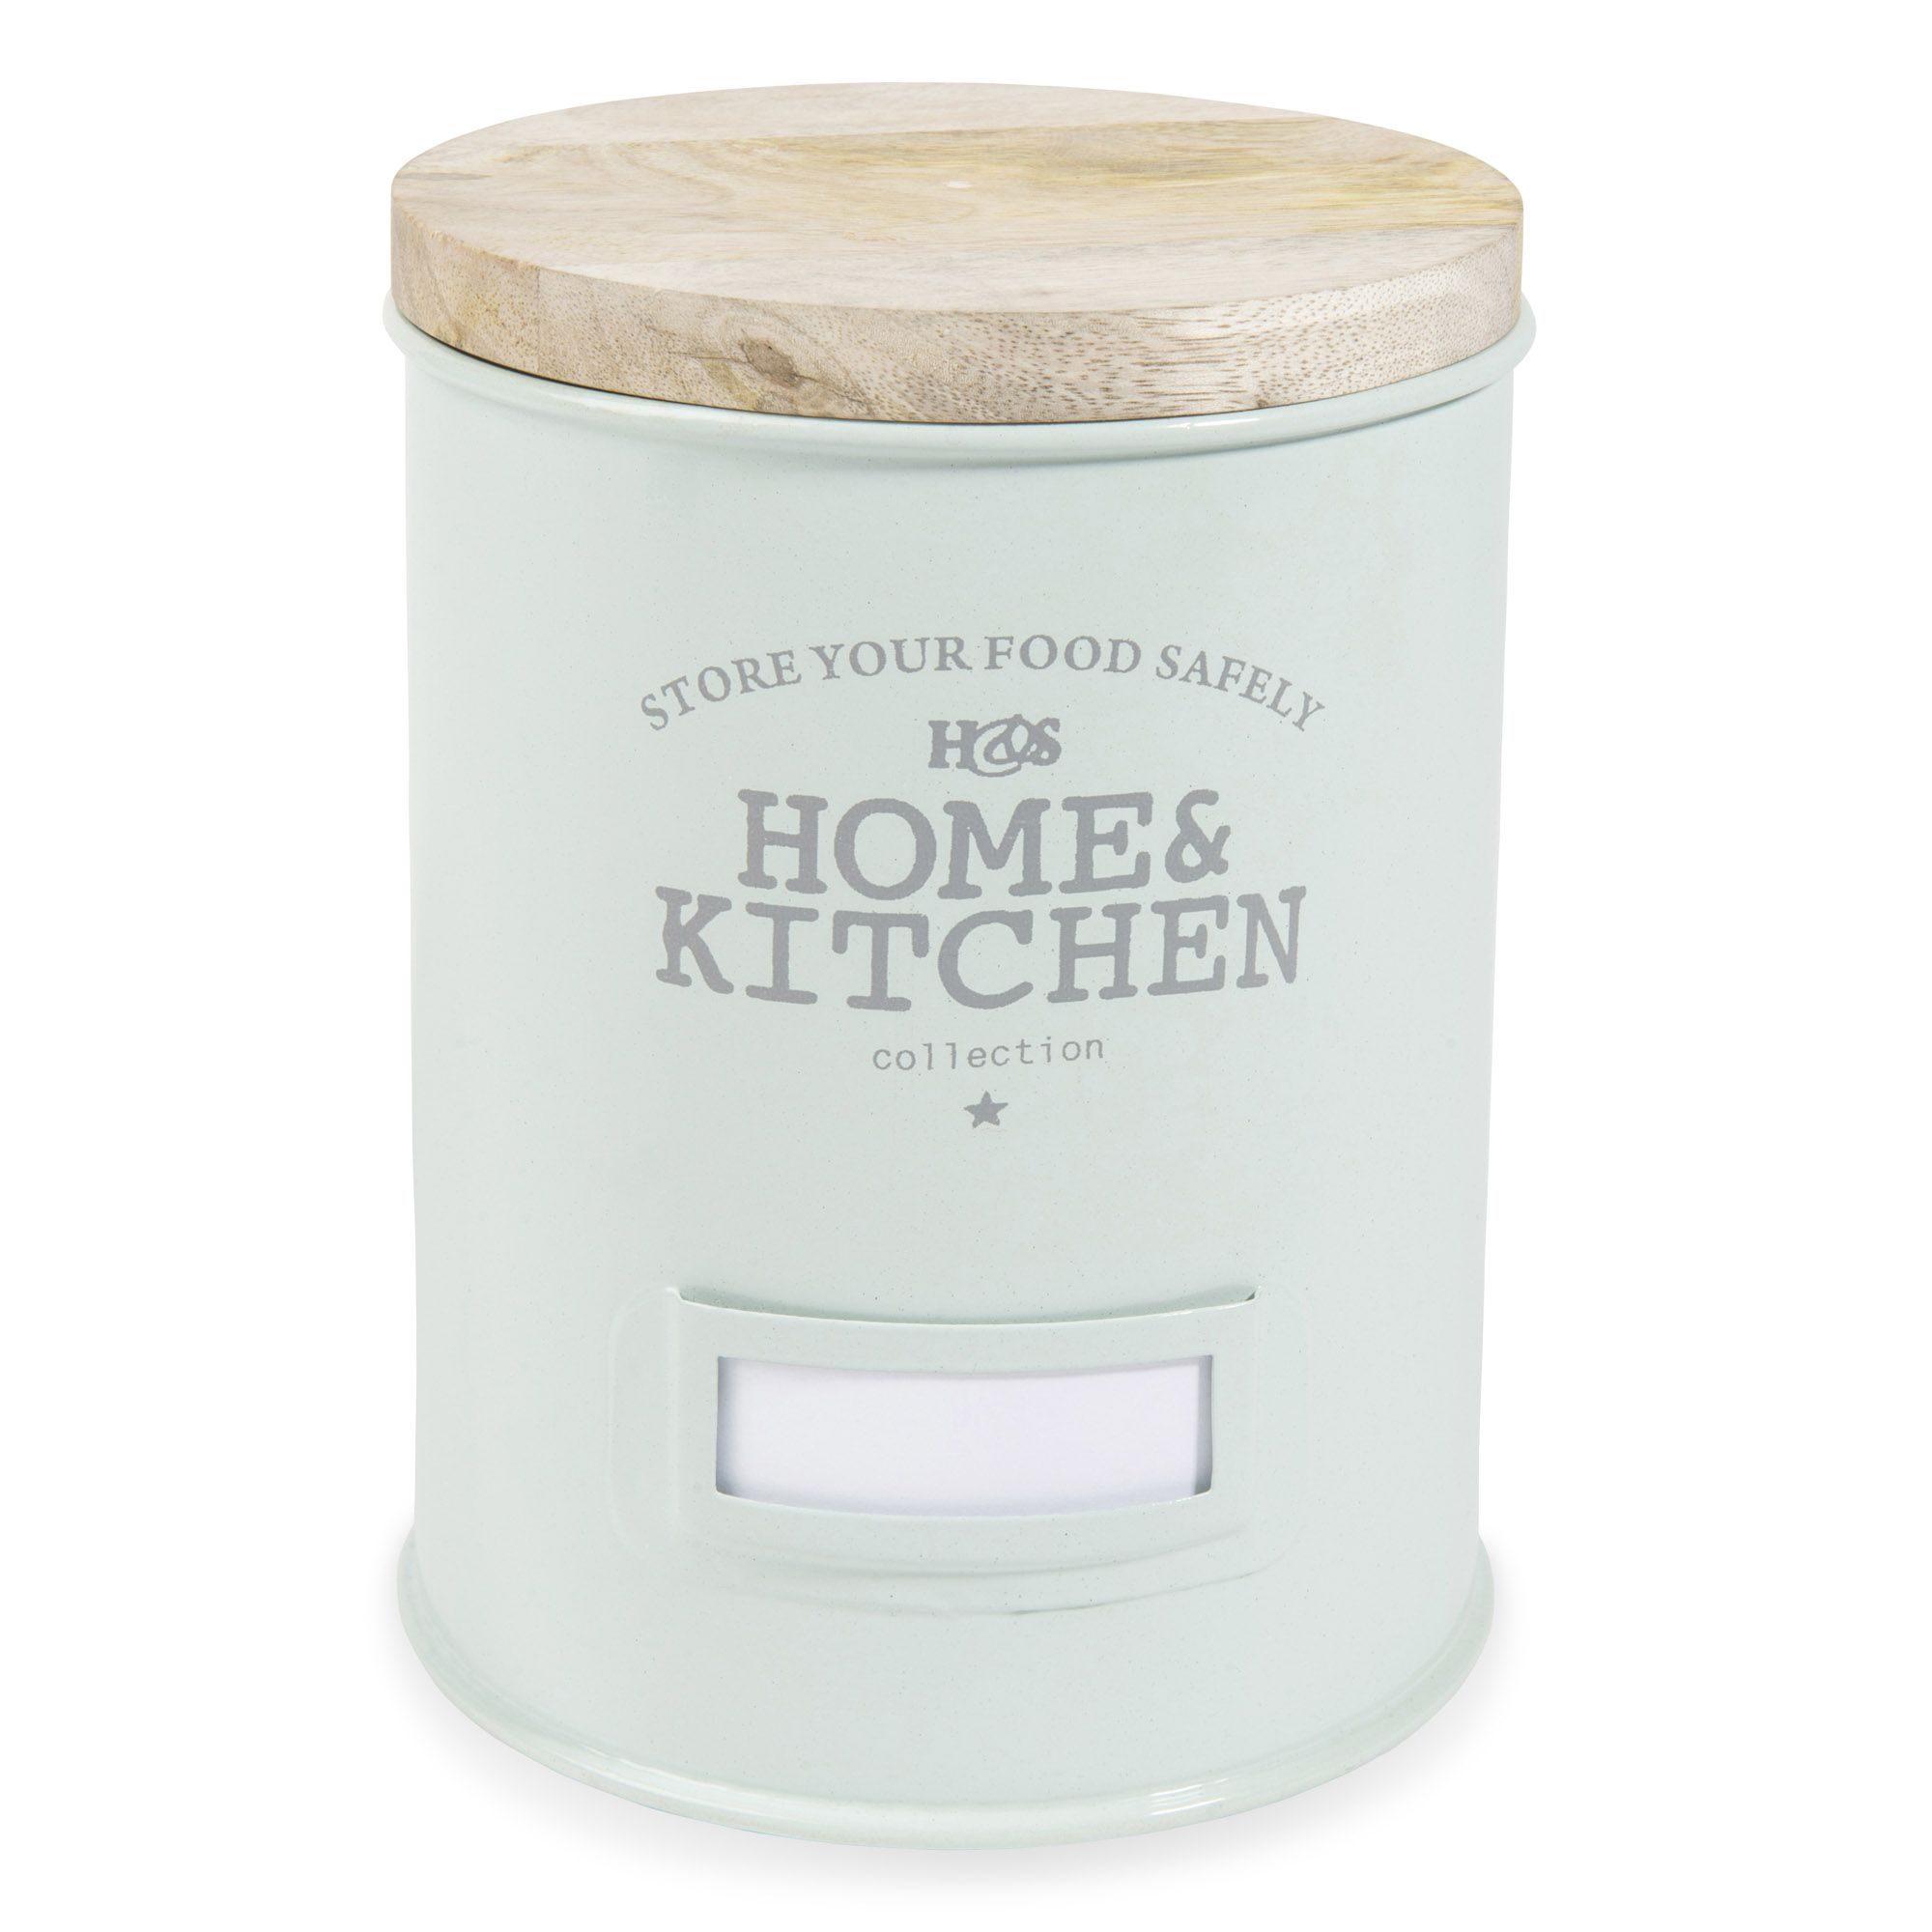 Dose HOME KITCHEN aus Metall, H 16 cm | Kitchen | Pinterest